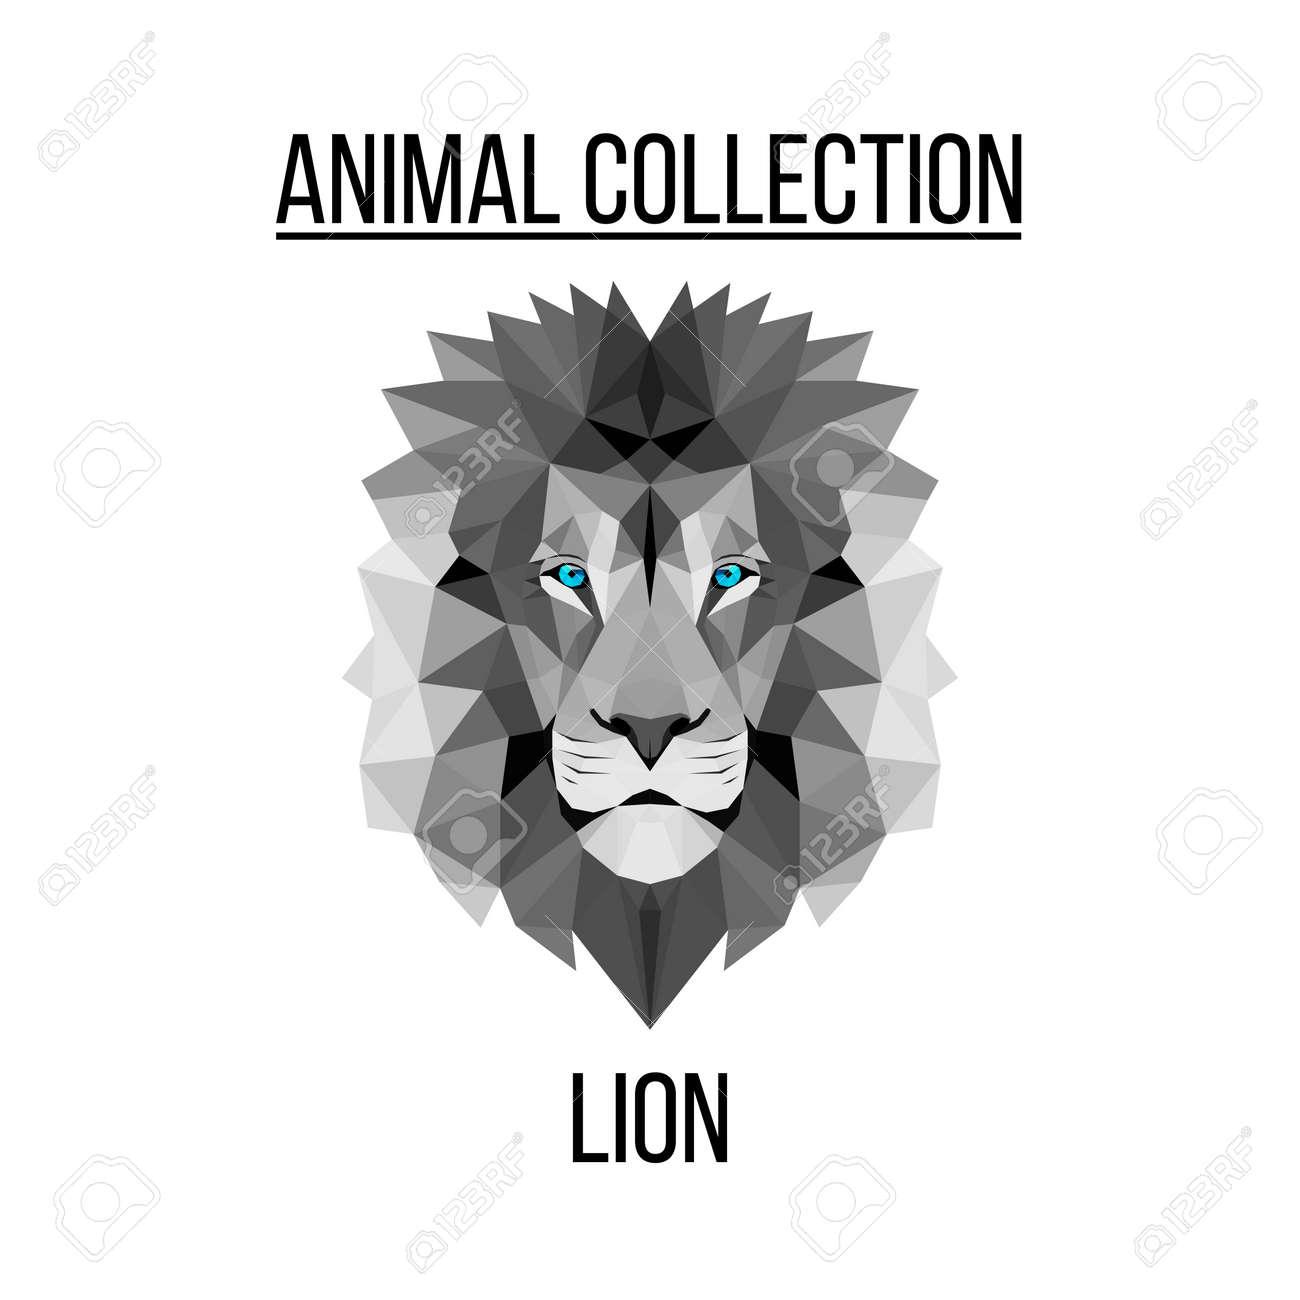 Fond De Tête De Lion Géométrique Vecteur Animaux Bleu Banque D